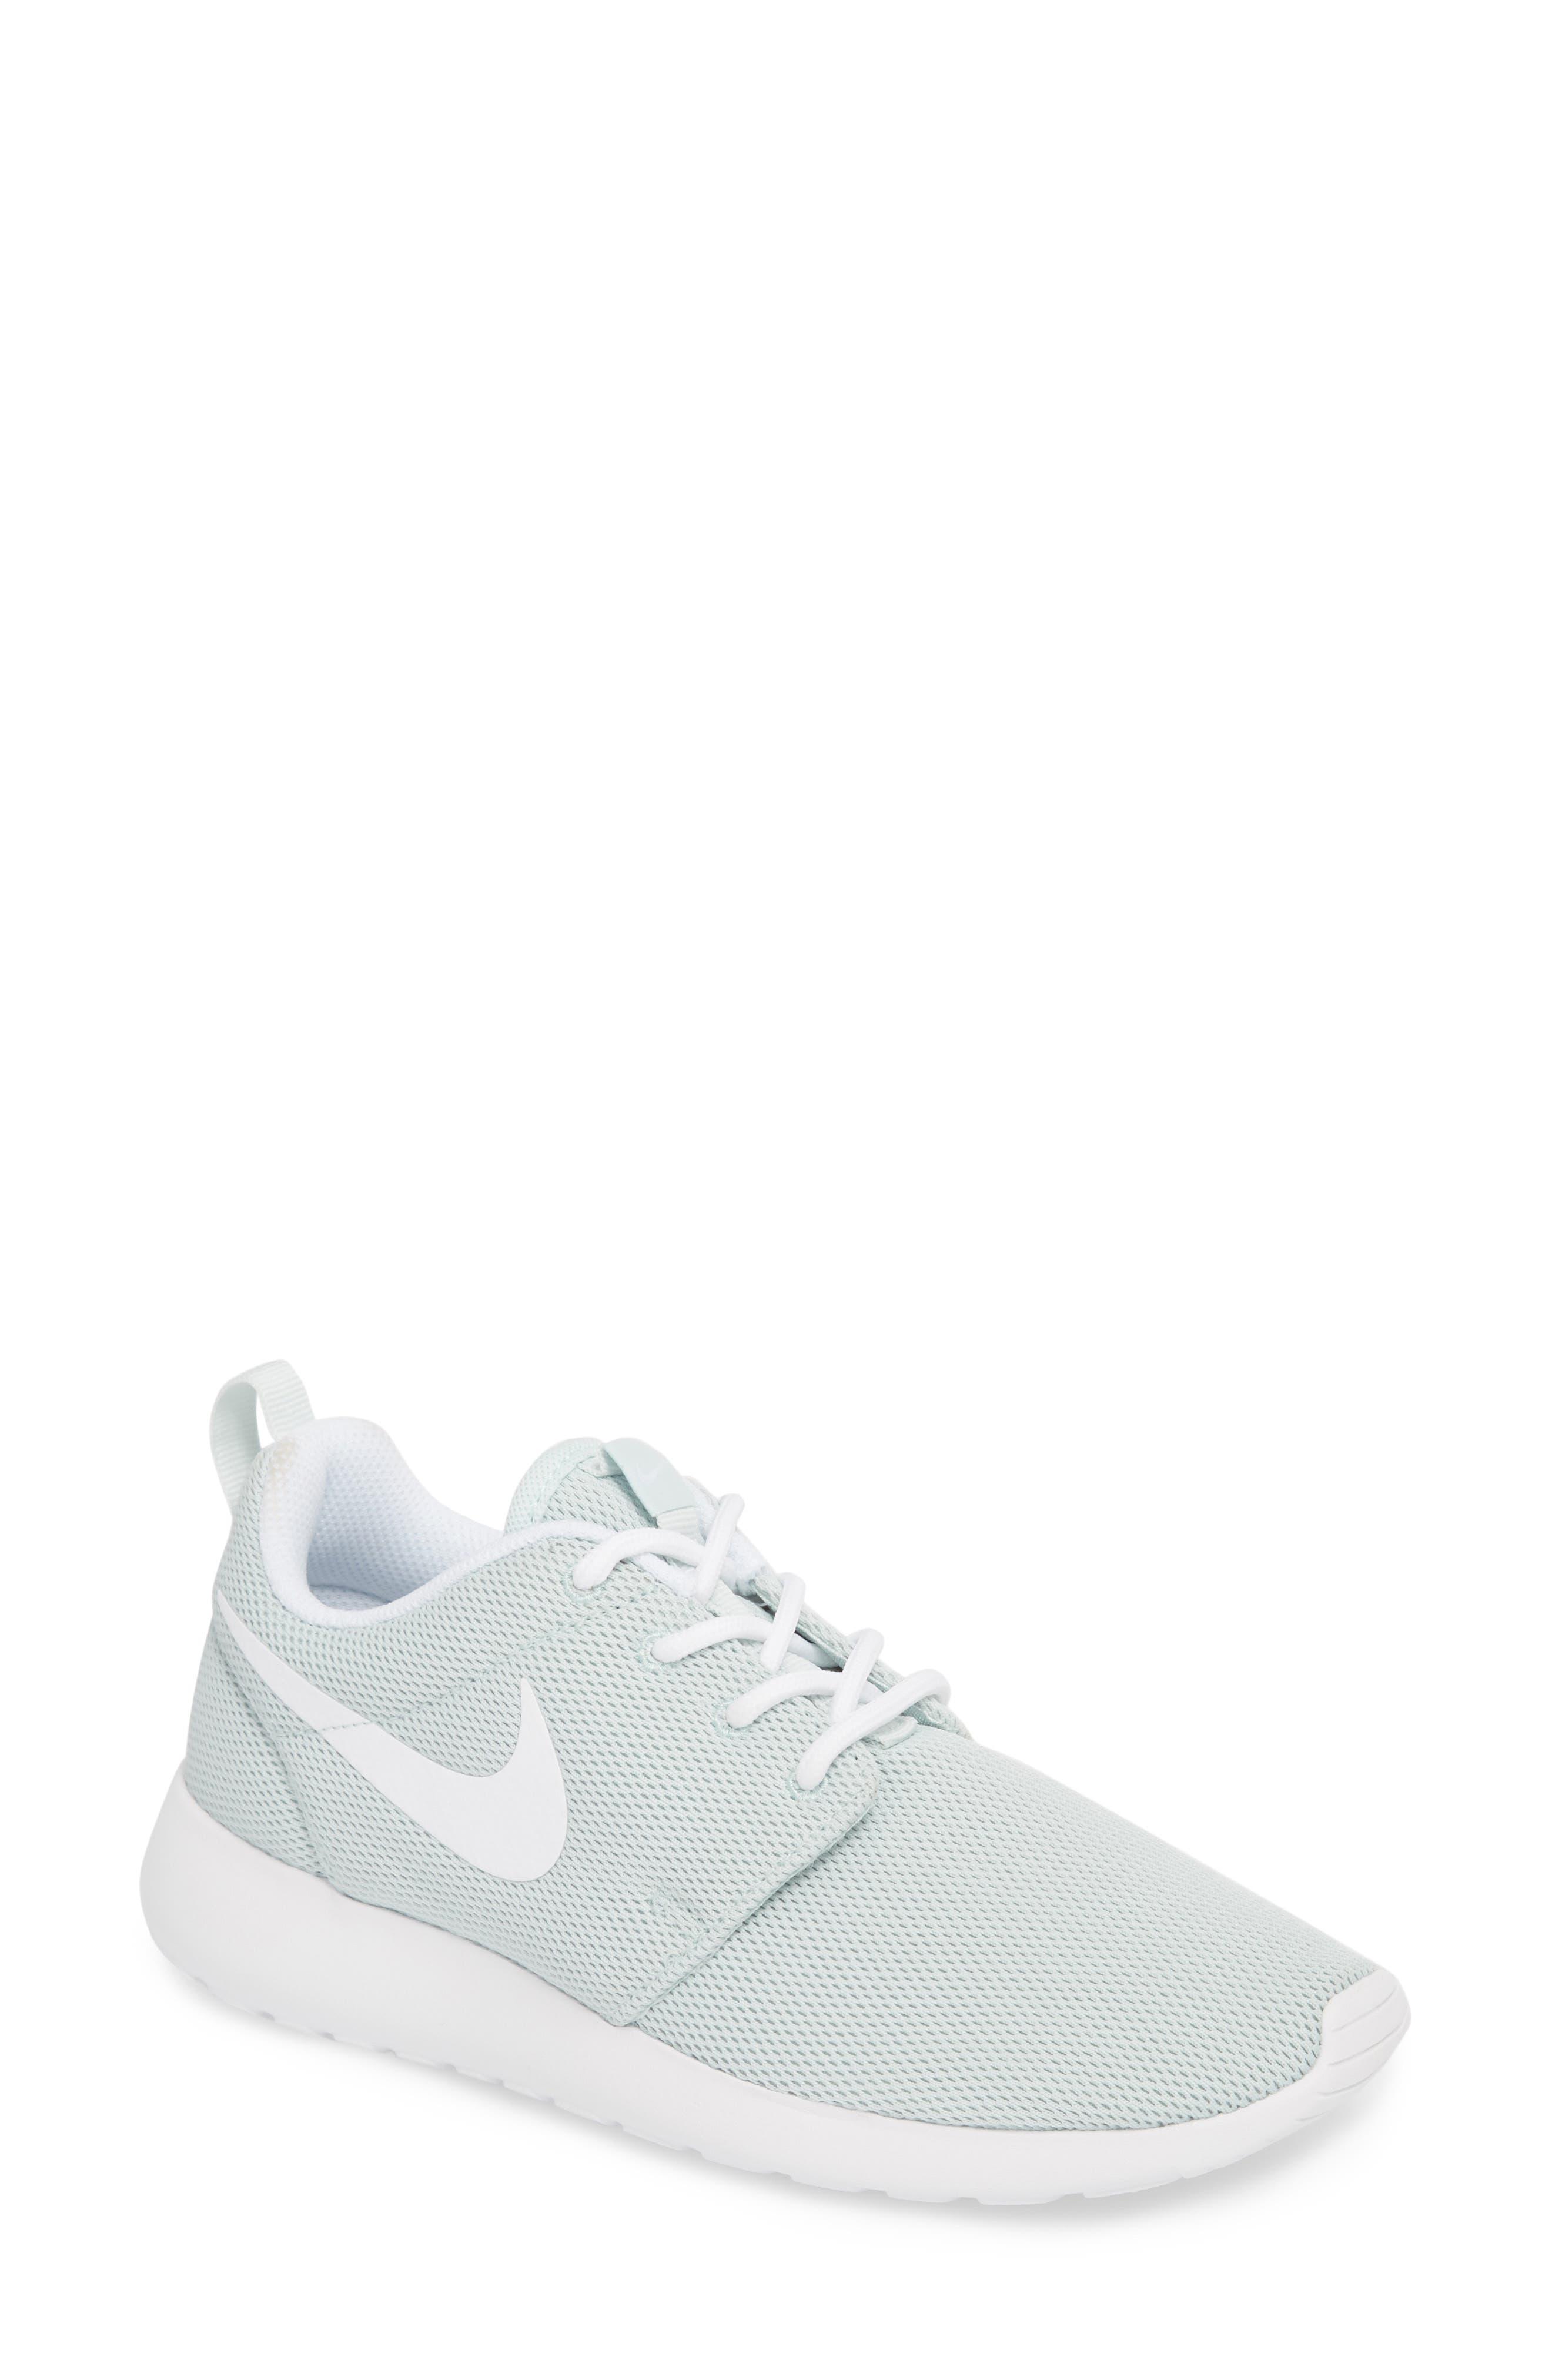 NIKE,                             'Roshe One' Sneaker,                             Main thumbnail 1, color,                             303